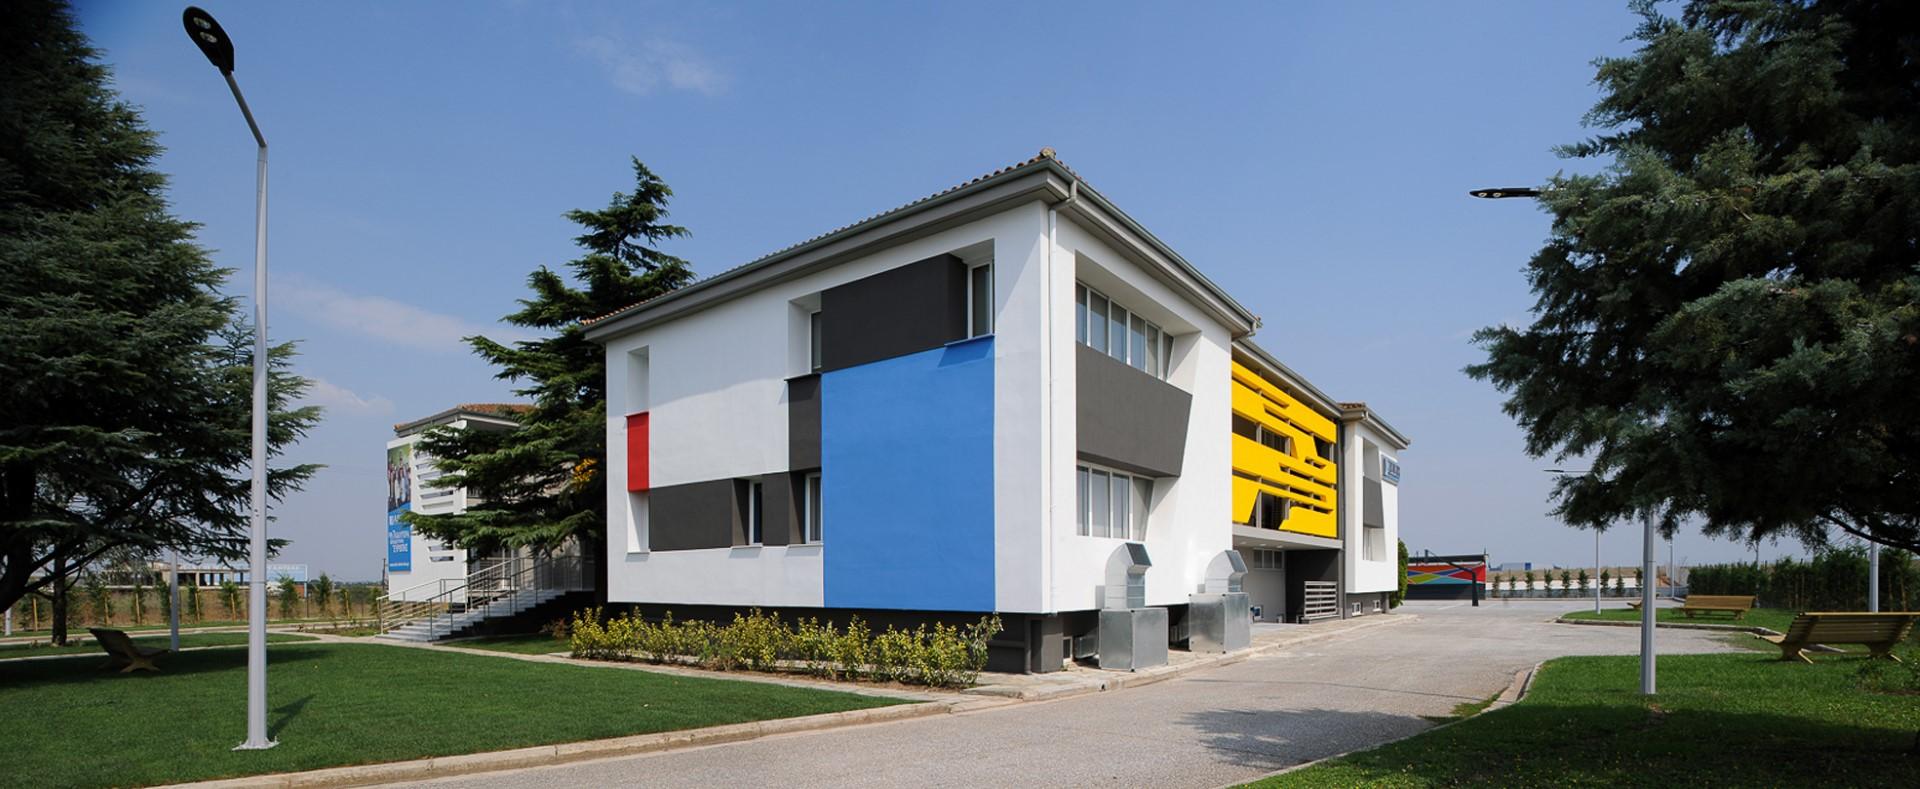 Ινστιτούτο Επαγγελματικής Κατάρτισης AKMH A.E. στη Λάρισα